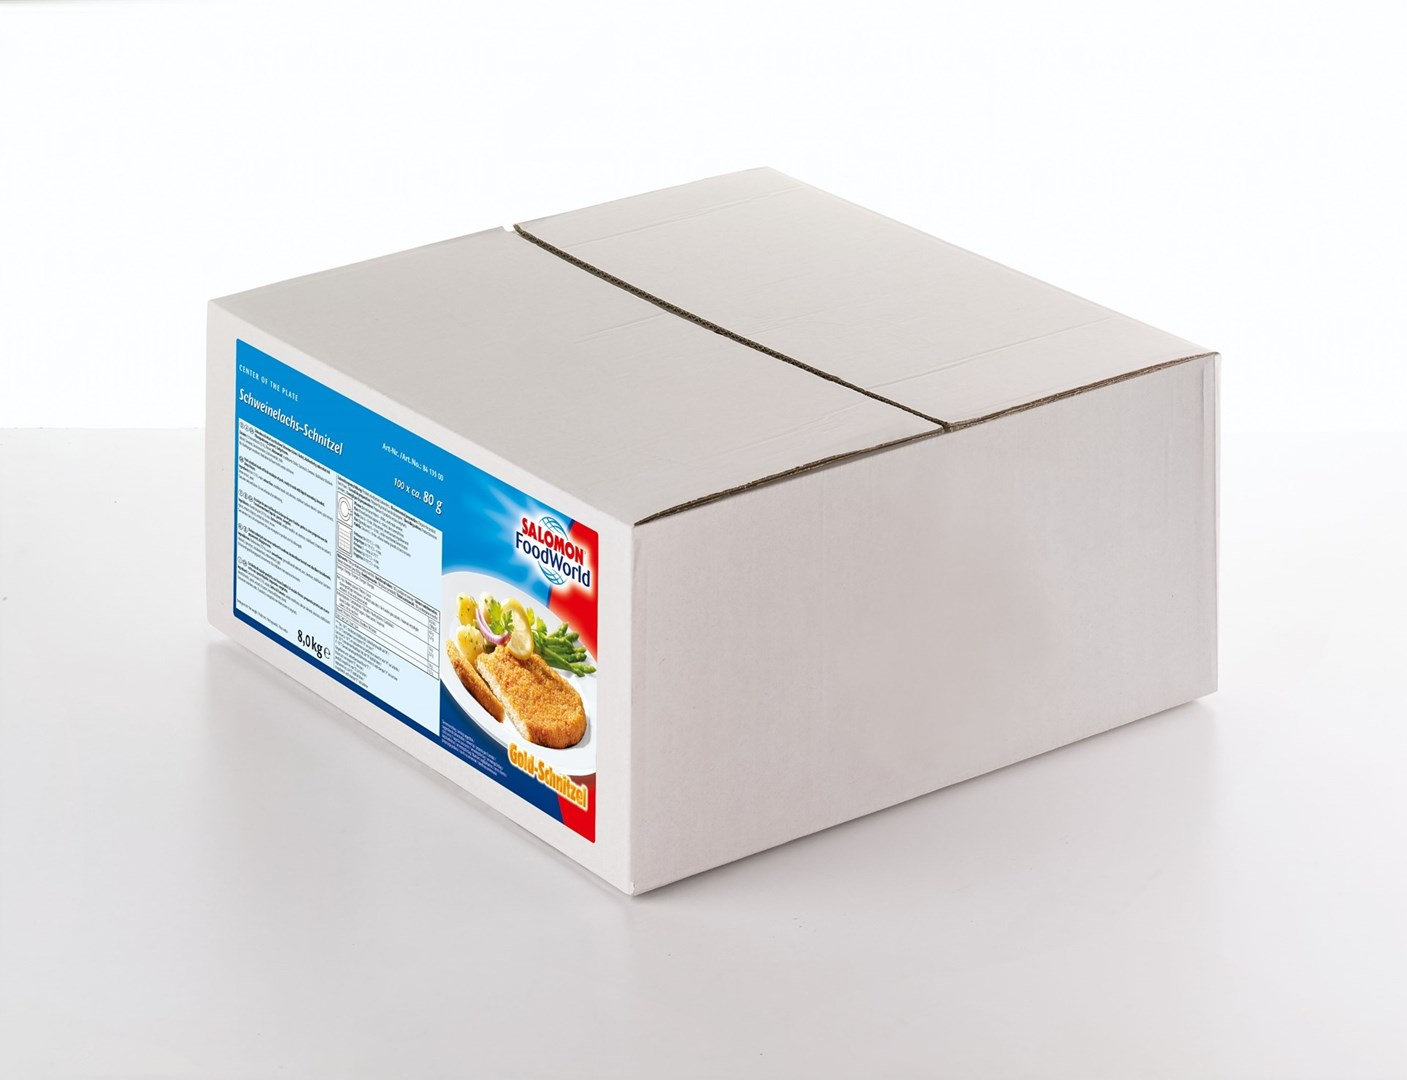 Productafbeelding MS Varkensfilet Schnitzel 180 g